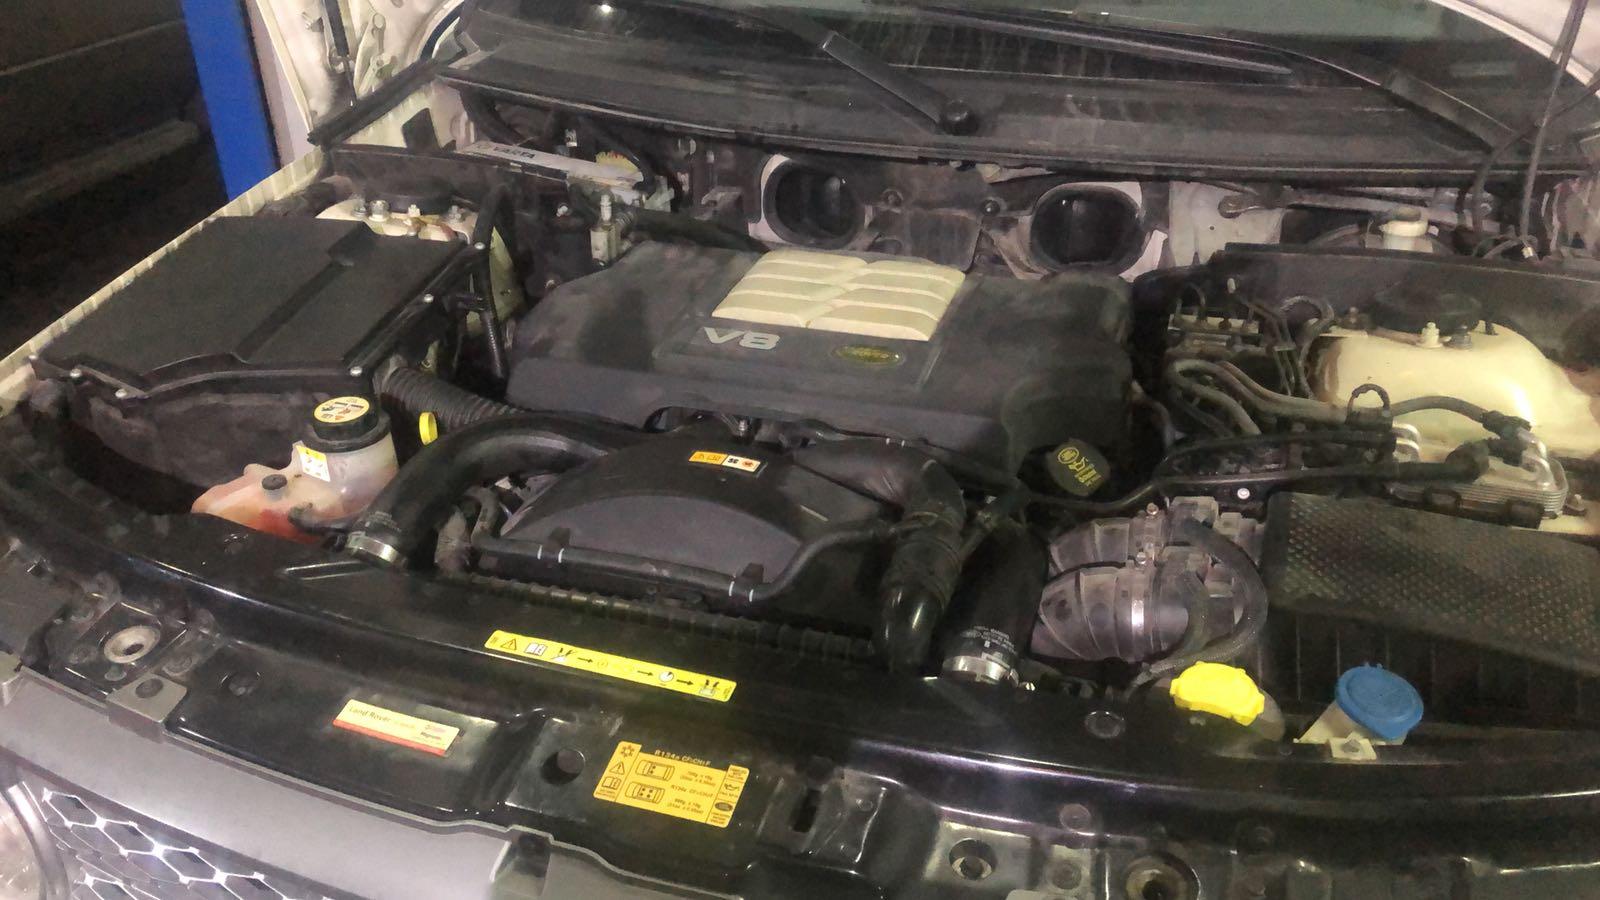 Range Rover V8 Motor Revizyonu, Motor Onarımı, Motor Tamiri, Motor Değişimi